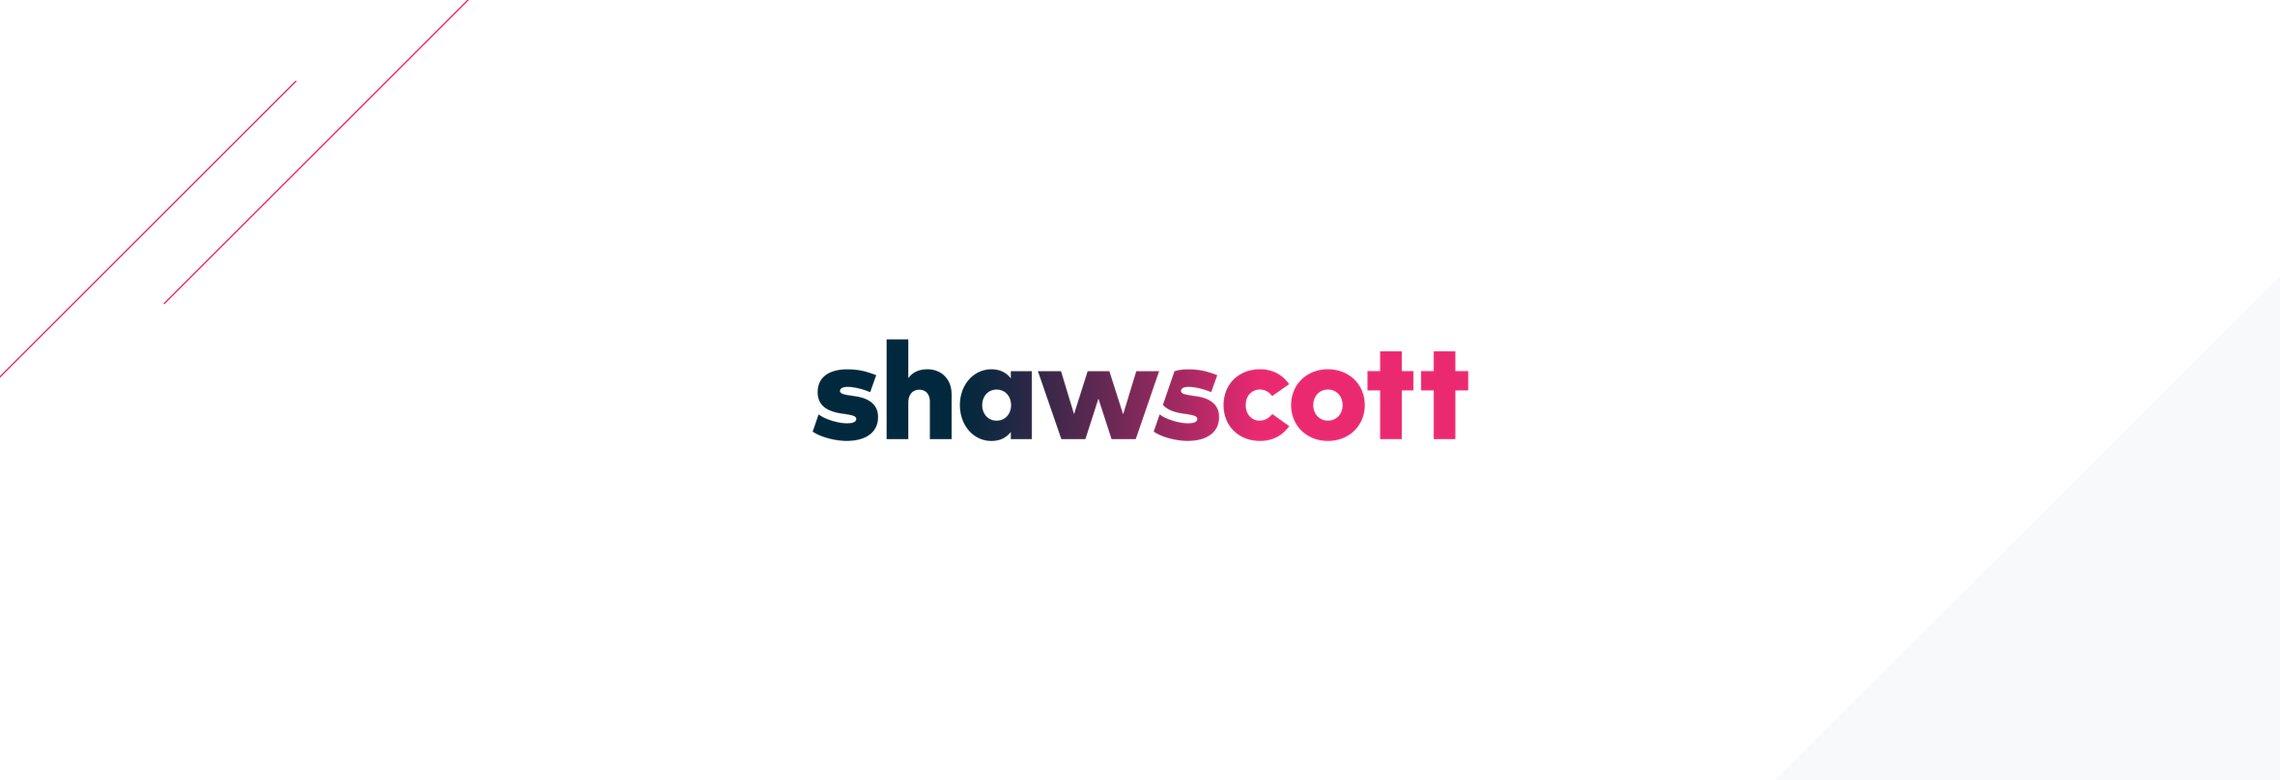 Shaw/Scott Logo